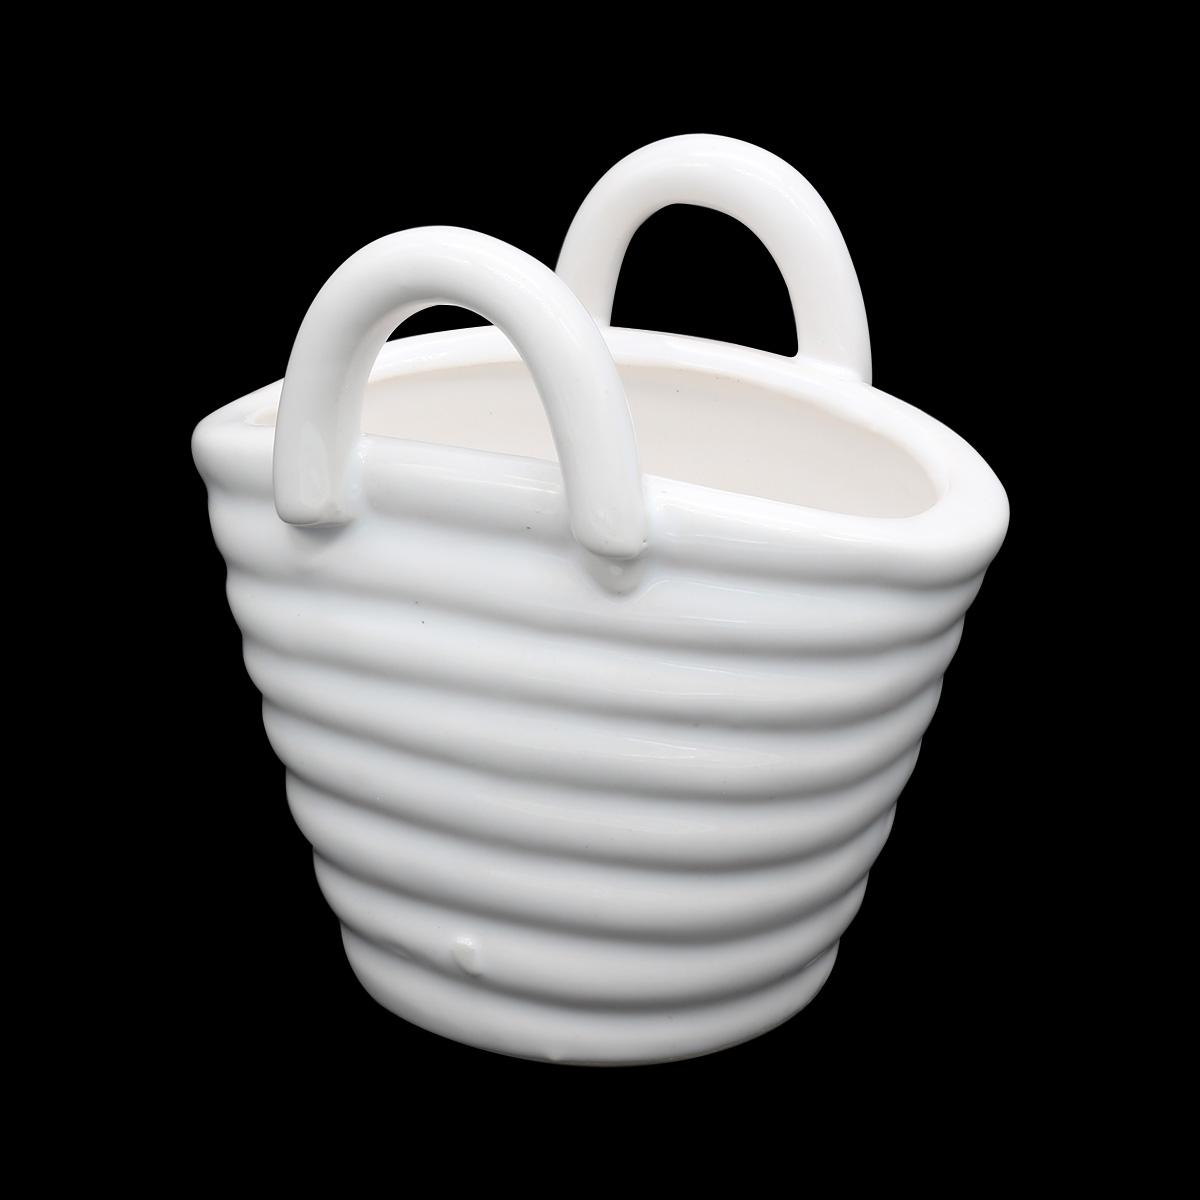 AR071 Корзинка керамическая 8*5,5*8см, цв. белый